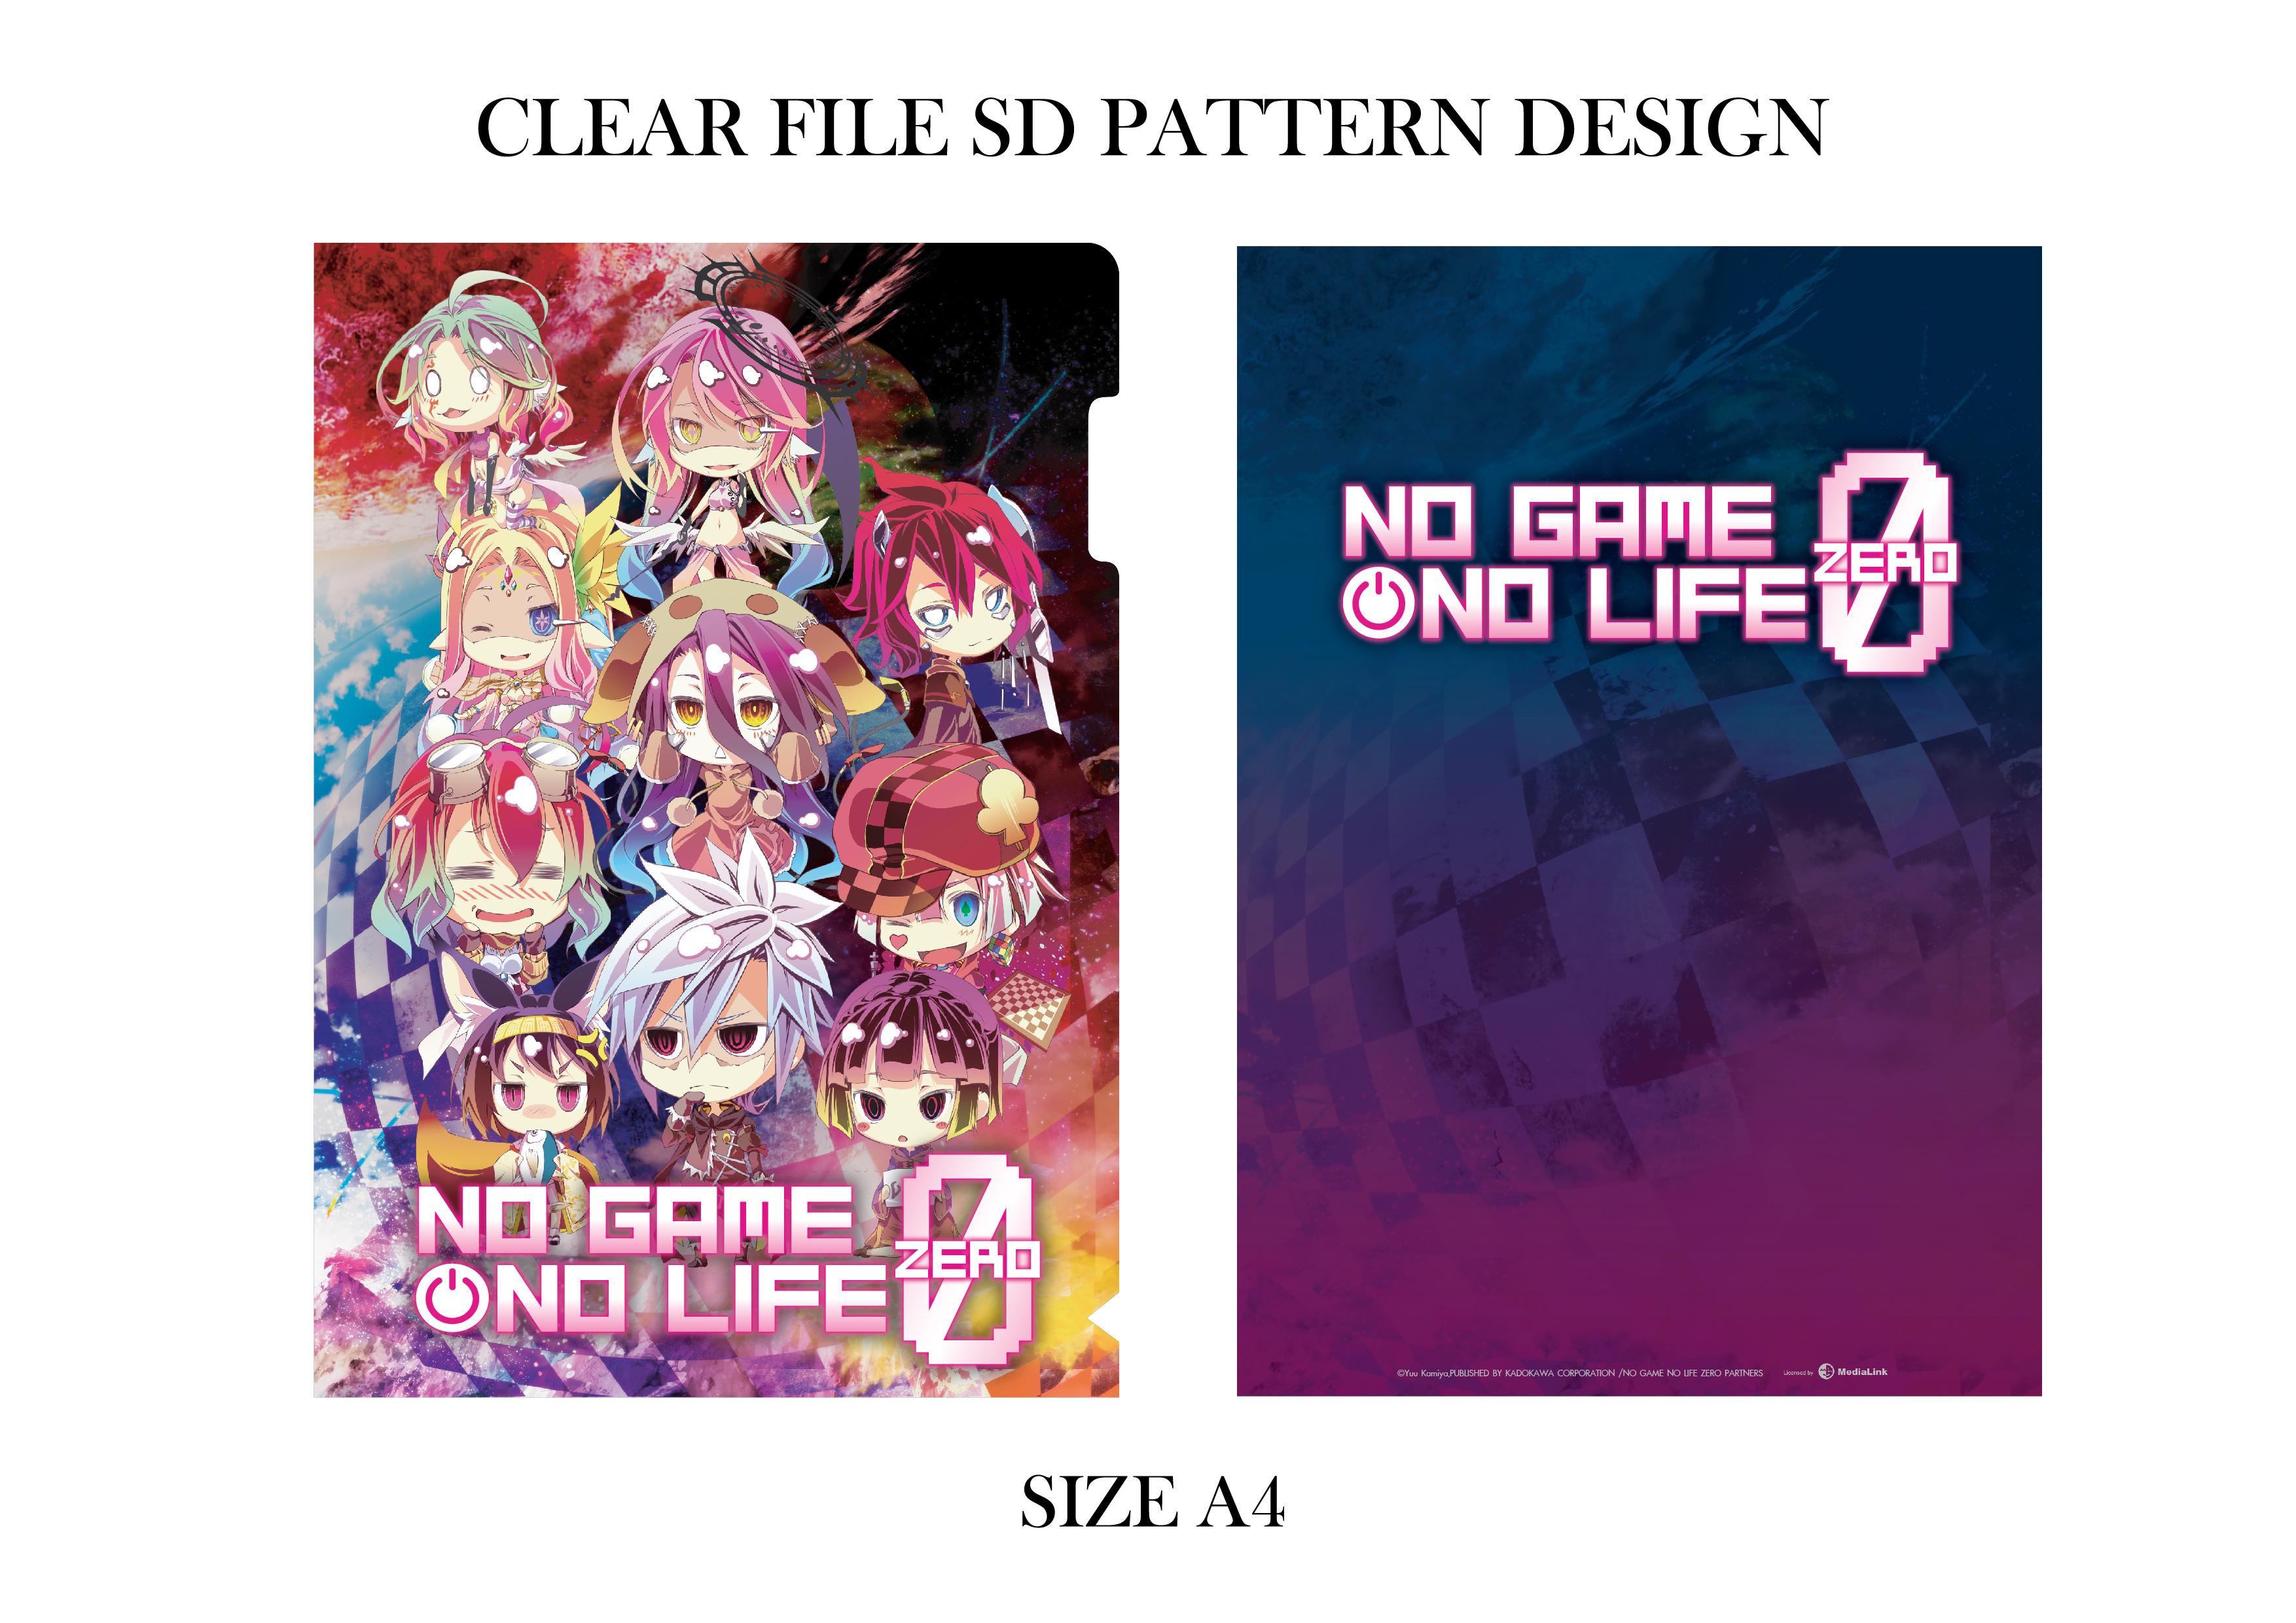 แฟ้ม A4 : No Game No Life:Zero ลายพิเศษจากภาพยนตร์ **ราคารวมจัดส่งในประเทศ **